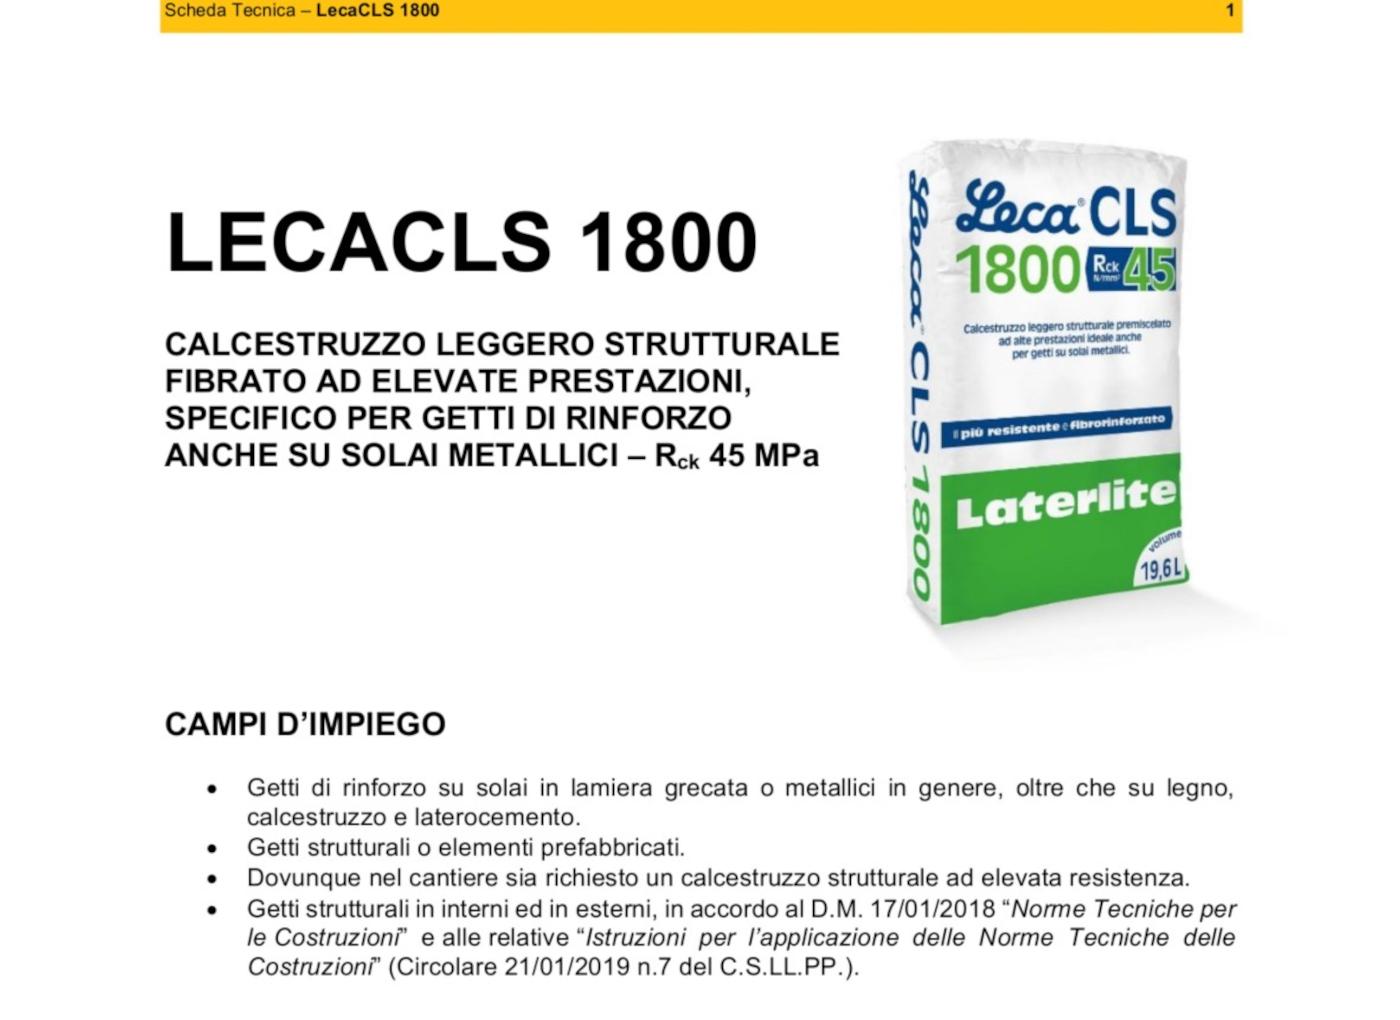 scheda-tecnica-leca-cls-1800